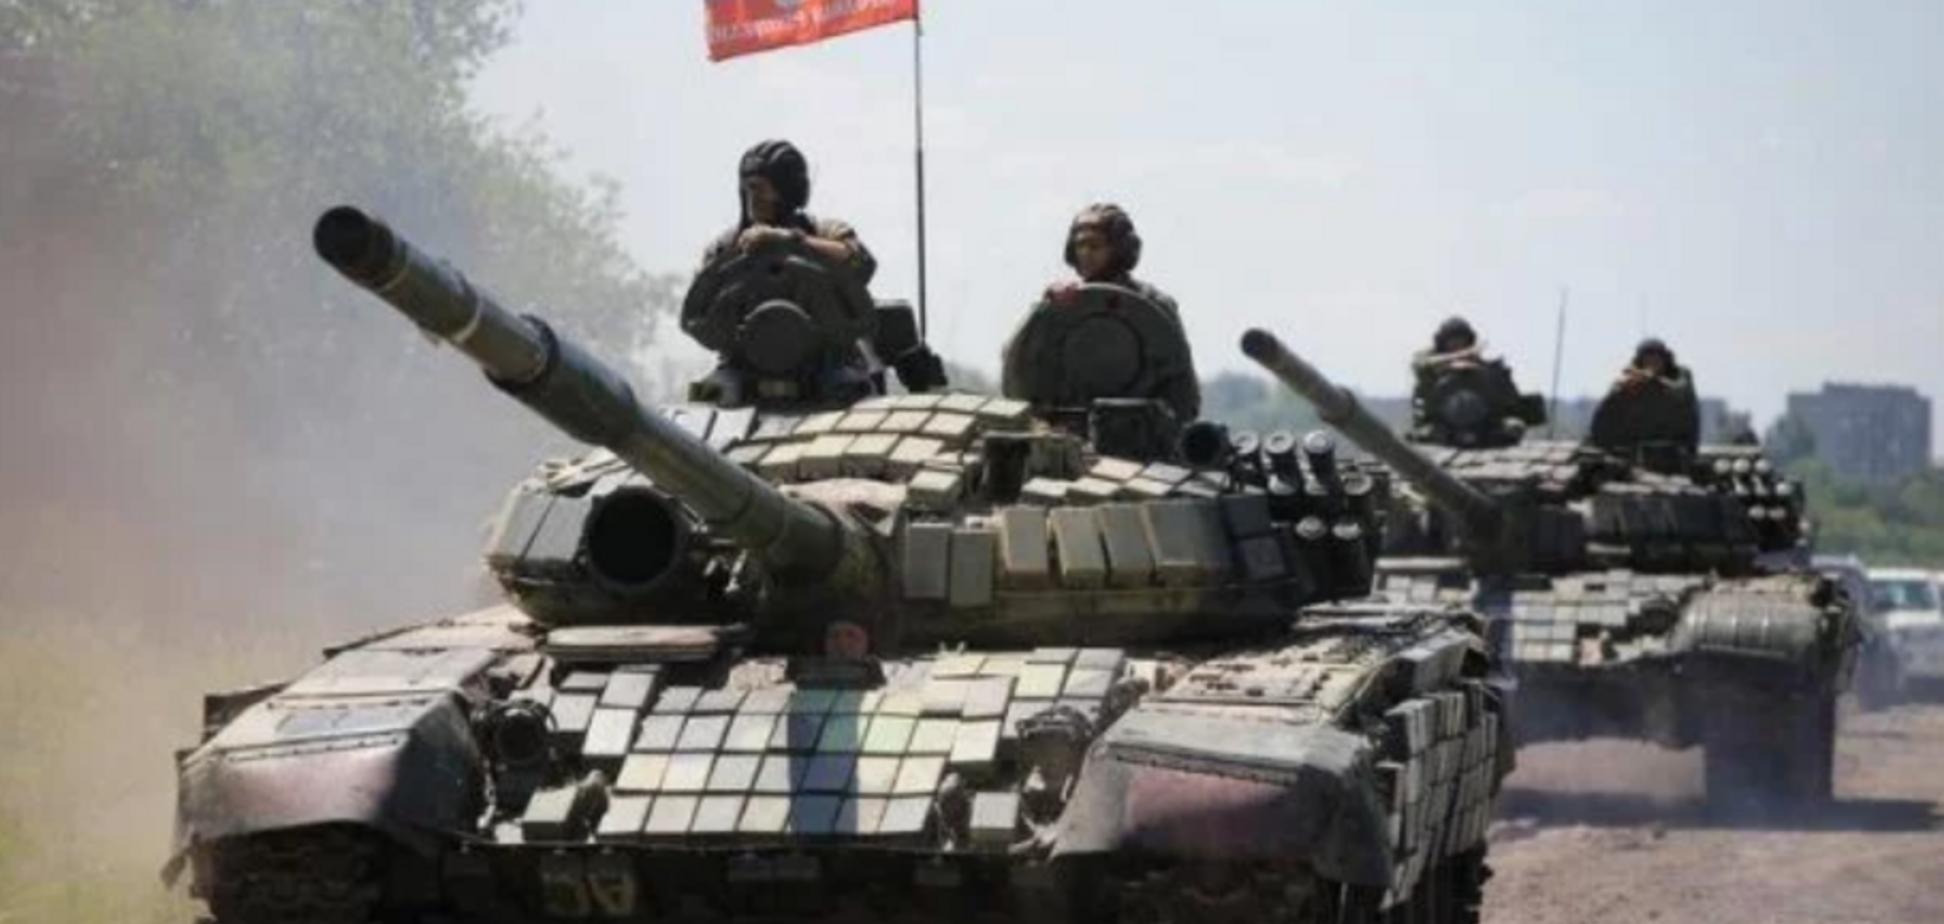 'Приховують власні втрати!' В ООС заявили про брудні маніпуляції окупантів на Донбасі